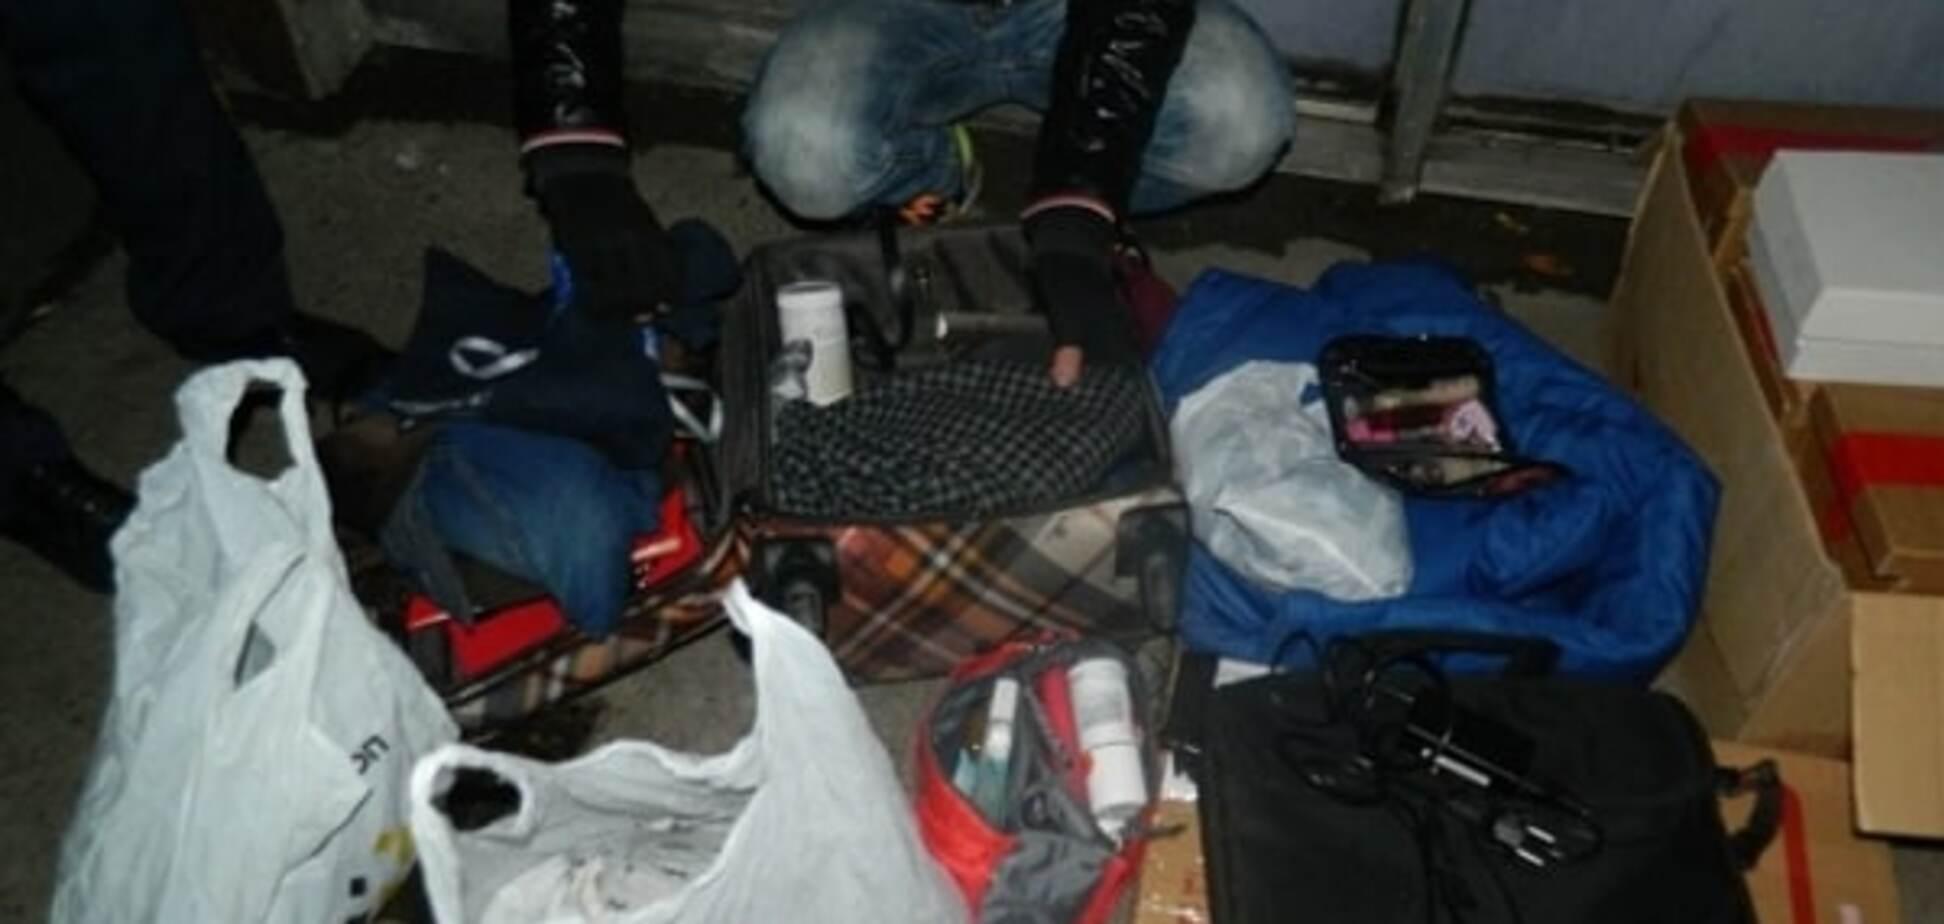 У Києві затримали досвідчених злодіїв: вони зізналися в 59 крадіжках